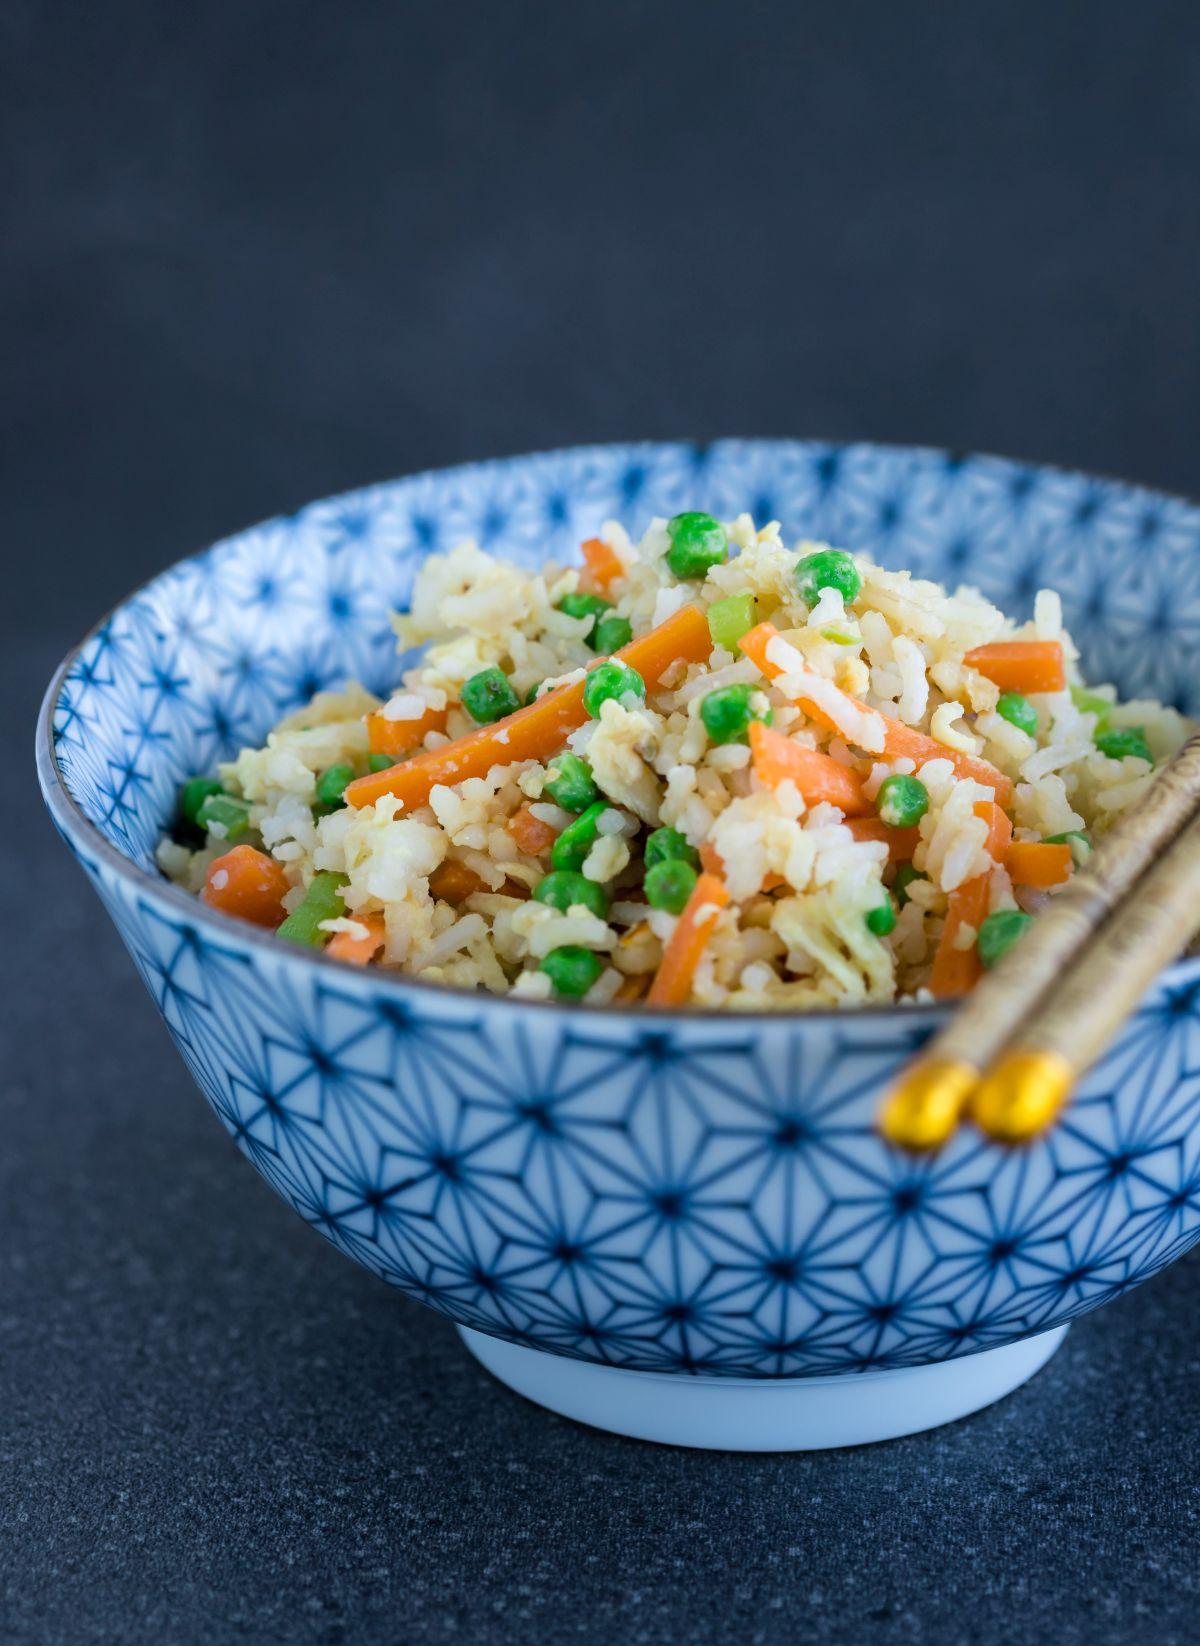 אורז מטוגן